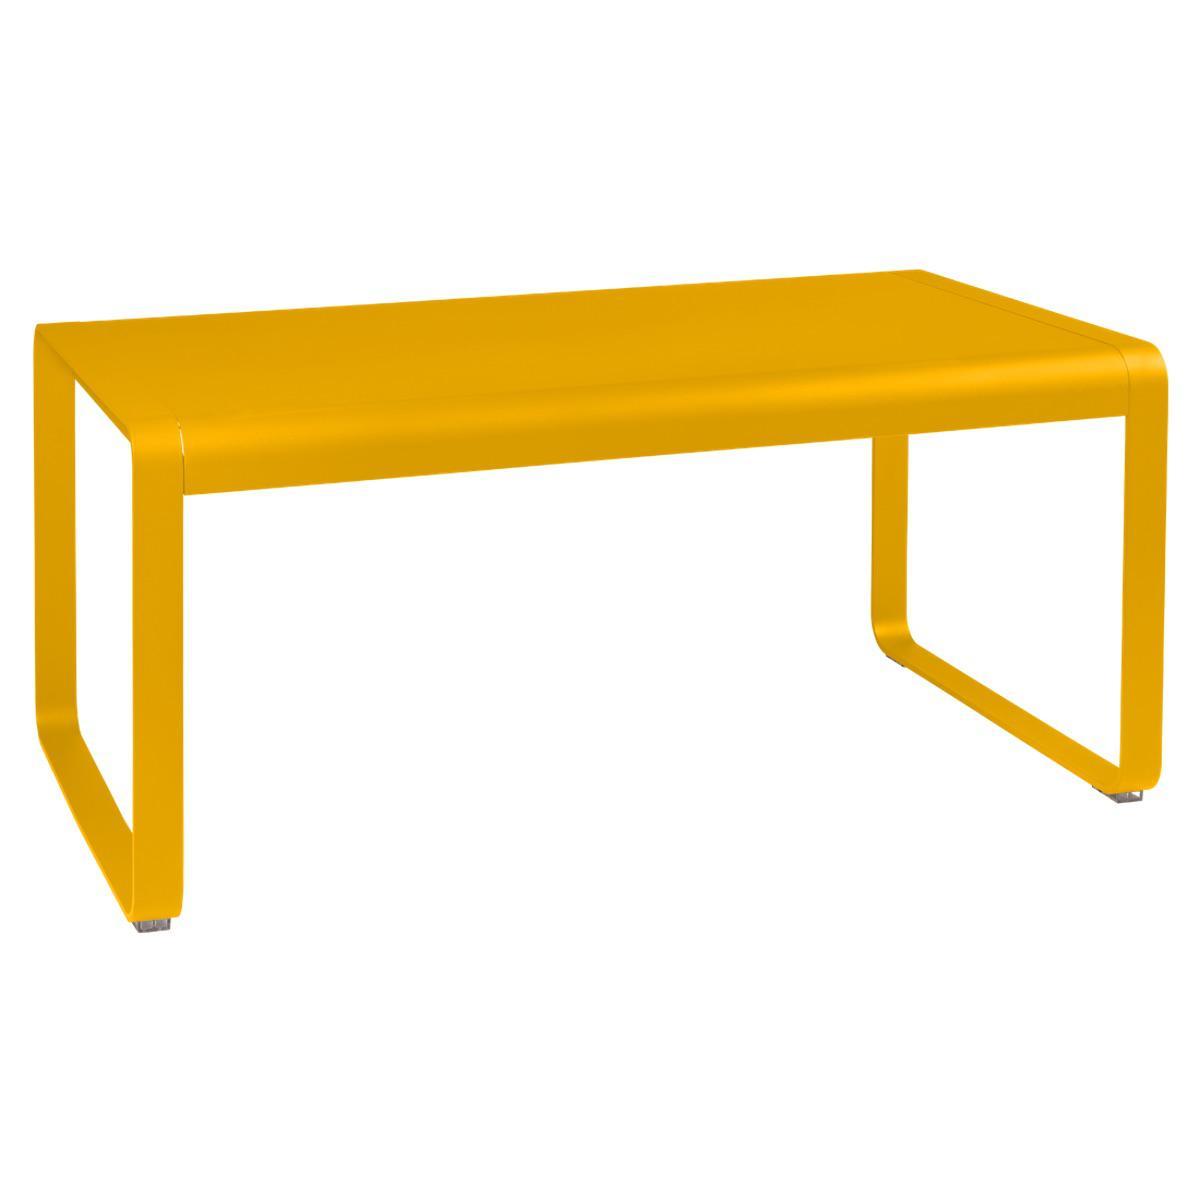 Table de jardin mi-hauteur 80x140cm BELLEVIE Fermob miel